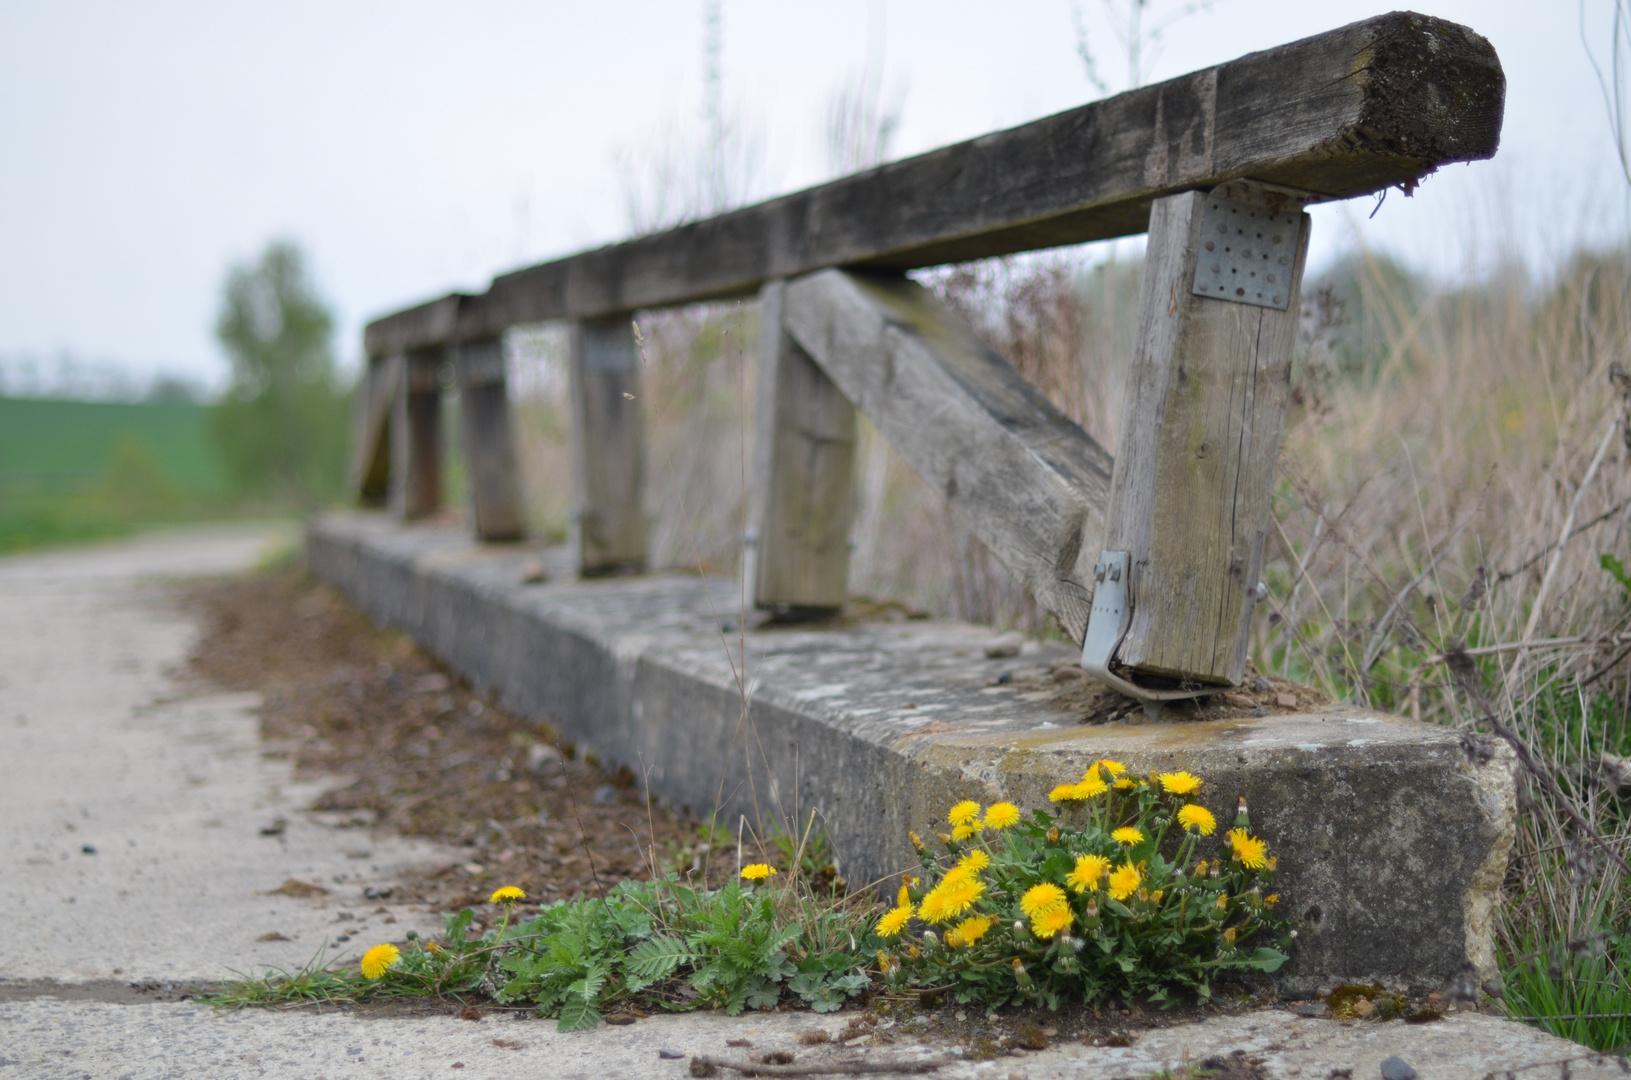 Überreste einer kleinen Brücke